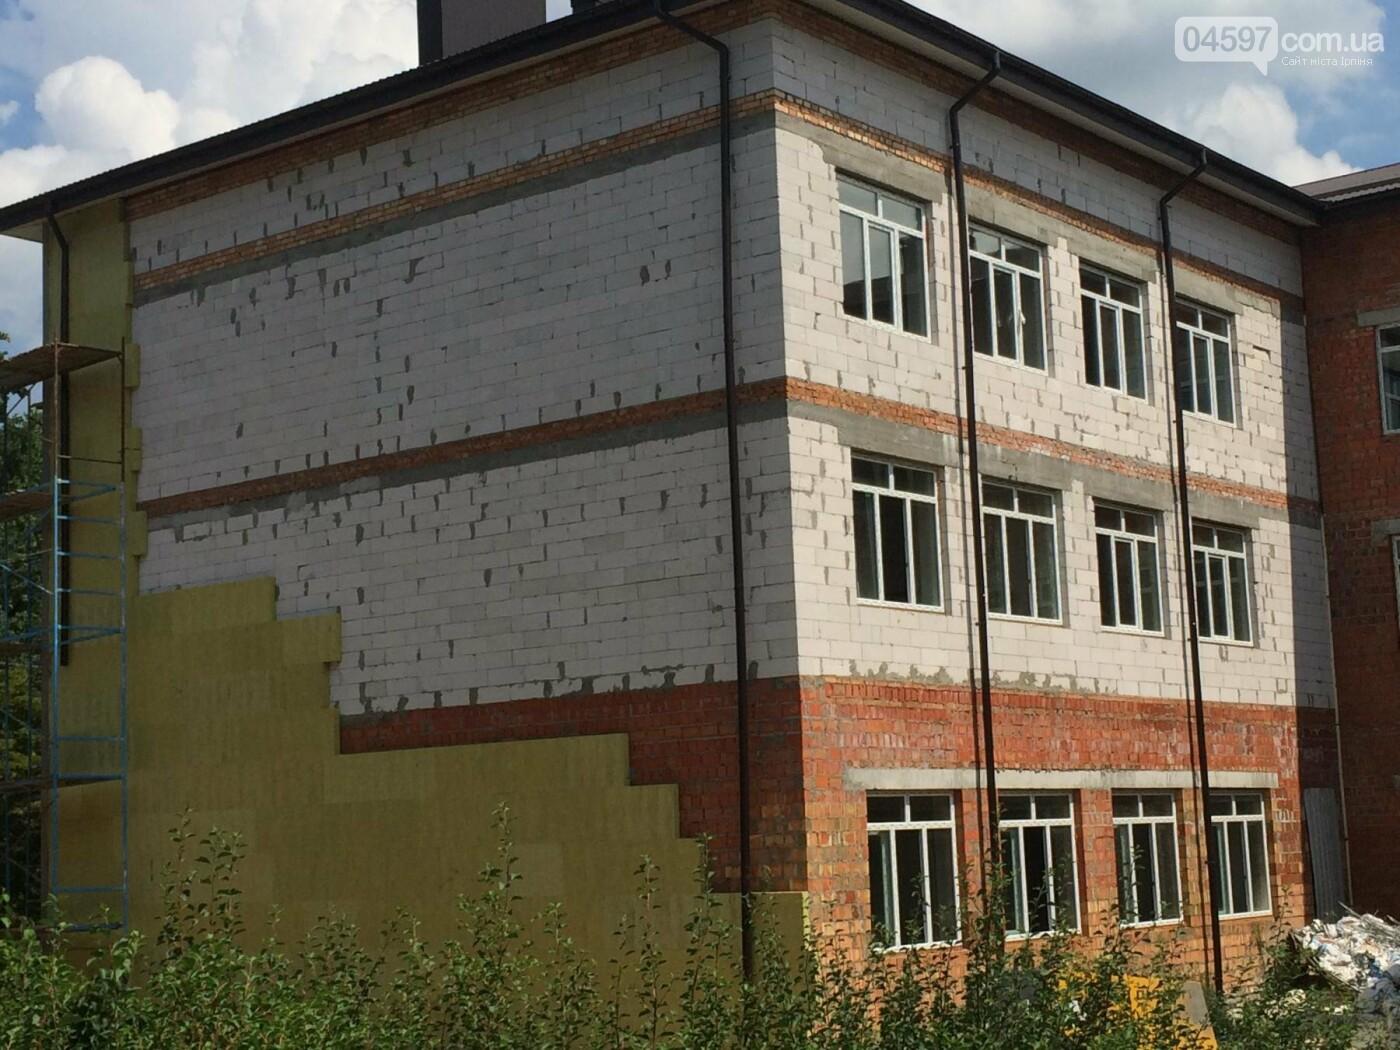 Як виглядатиме їдальня в 17 школі після реконструкції, фото-9